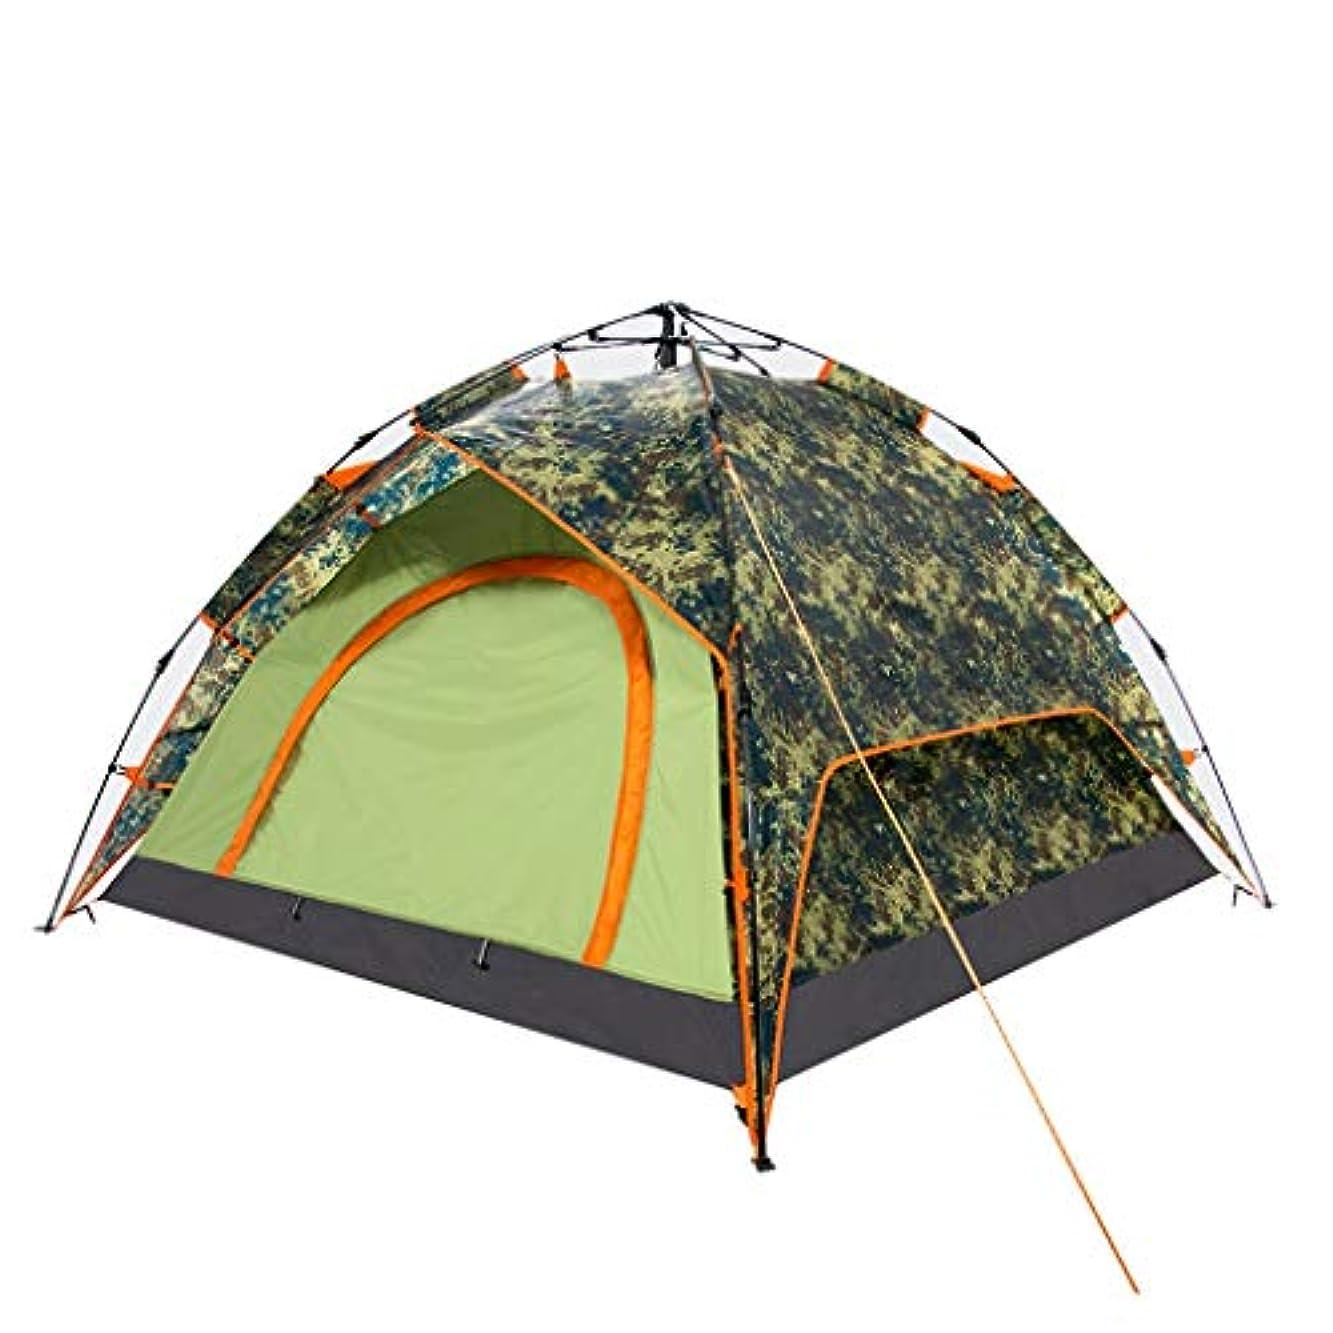 はっきりとロック解除アルファベットCHEXIAO アウトドアテント、キャンプ旅行多目的多目的3-4人乗り二層自動テント